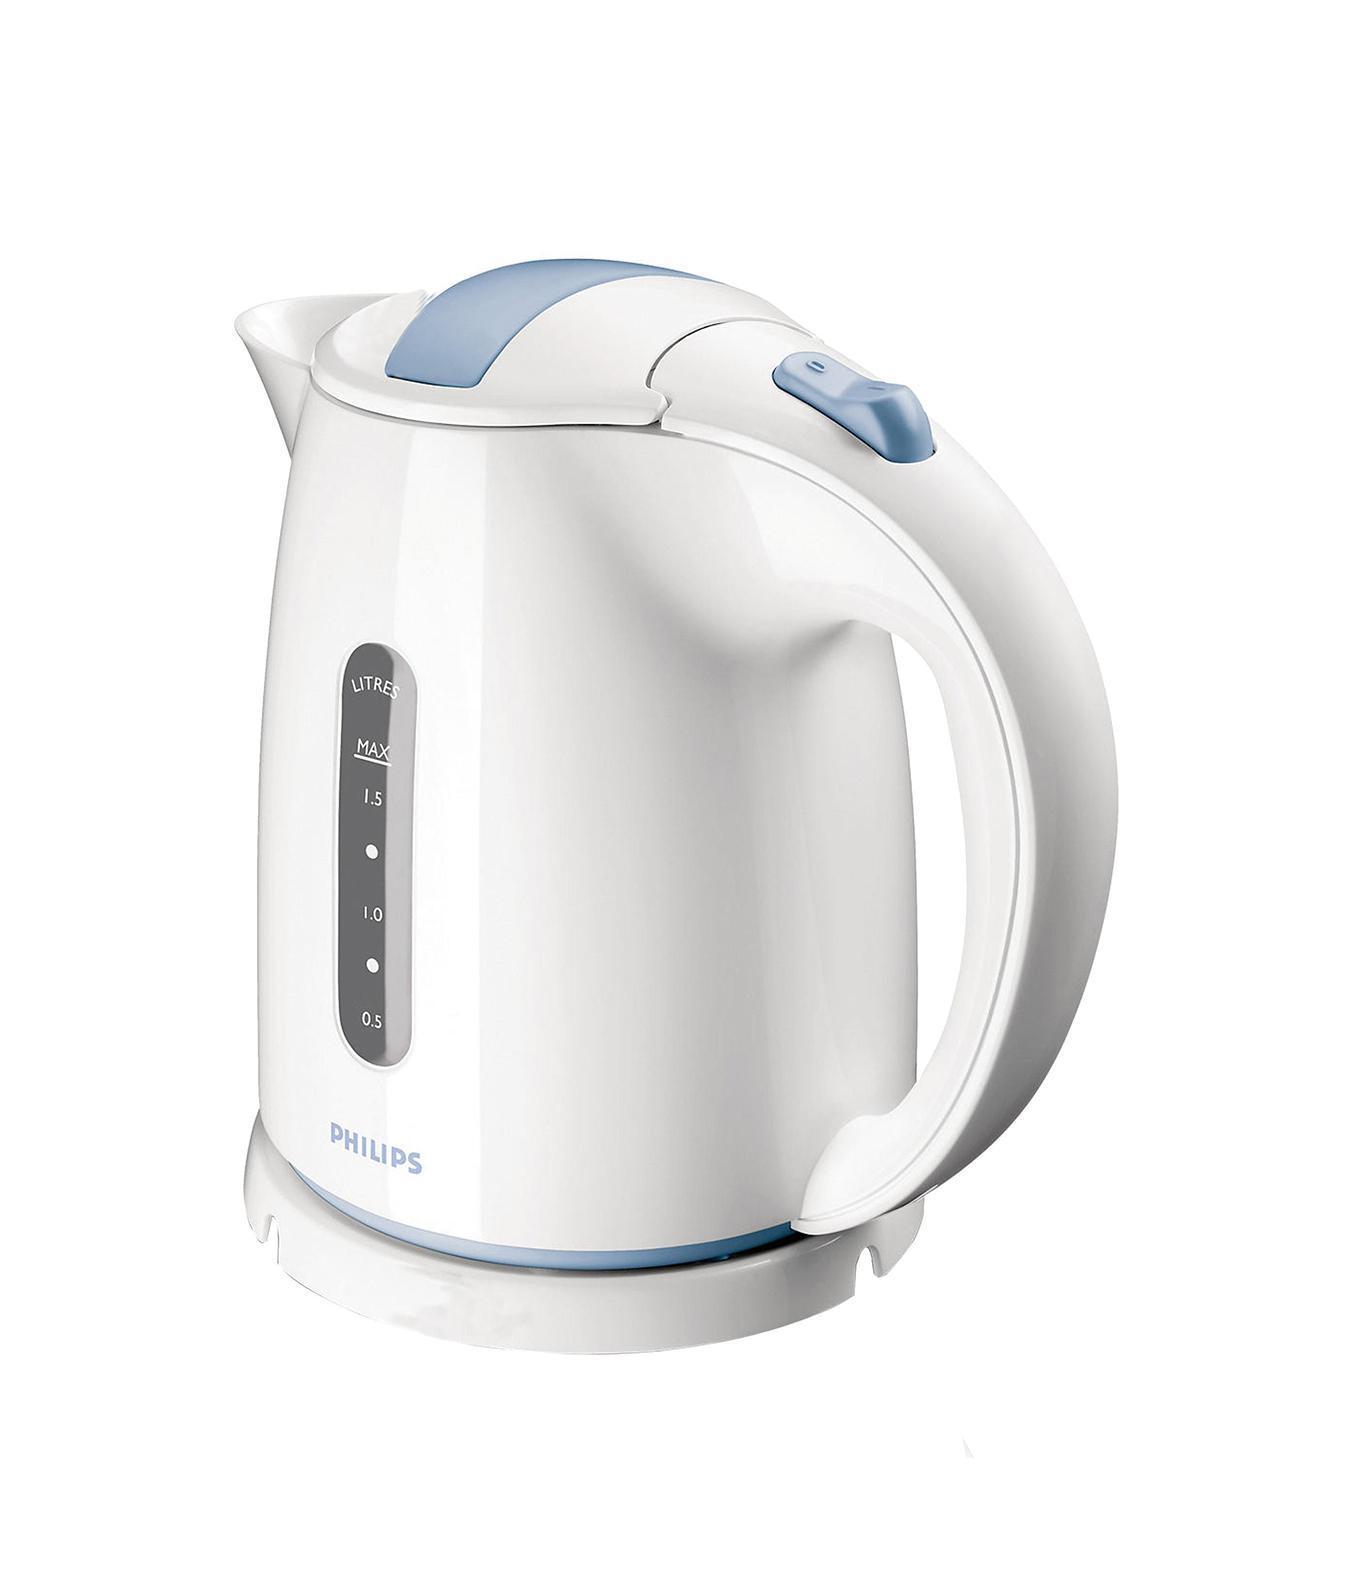 Philips HD 4646/70HD4646/70Фильтр от накипи обеспечивает чистоту воды и чайника. Беспроводная подставка с поворотом на 360 ° для удобства использования. Широко открывающаяся откидная крышка для удобного наполнения и очистки исключает контакт с паром. Индикаторы уровня воды по обеим сторонам электрического чайника Philips будут удобны и для правшей, и для левшей. Наполнить чайник можно через носик, или открыв крышку.